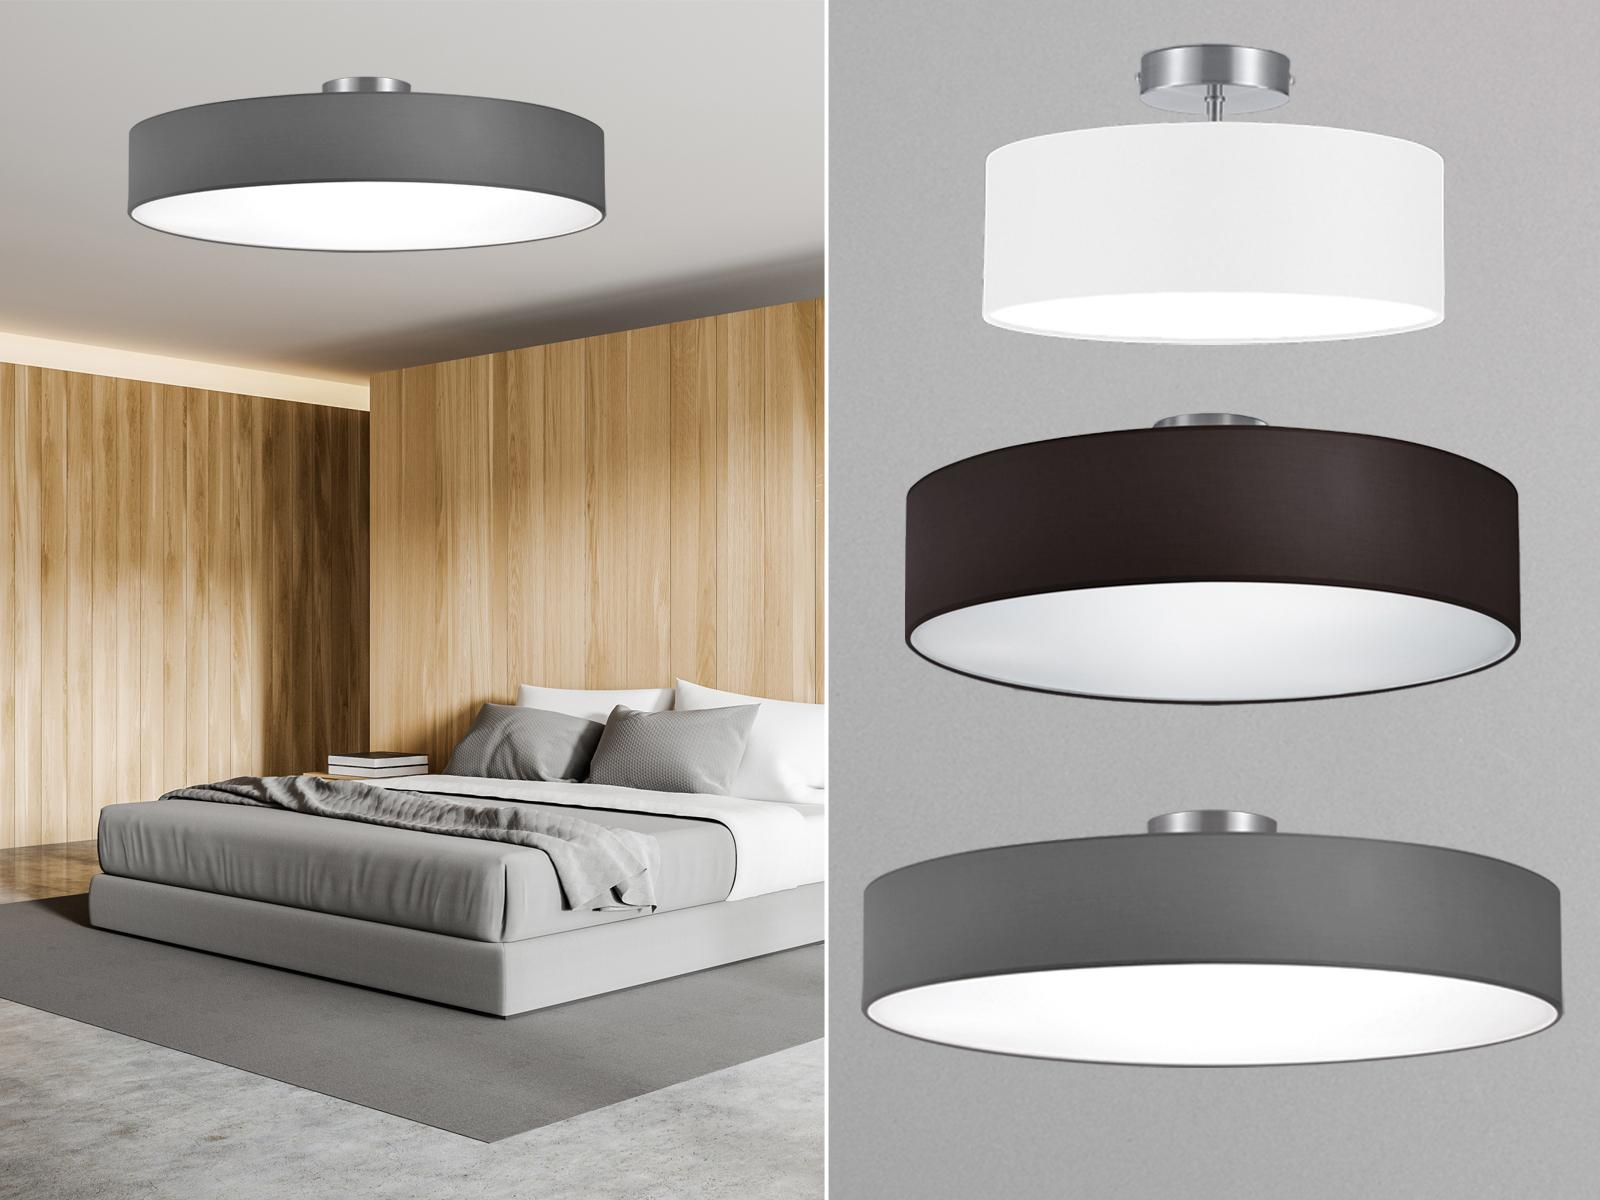 Moderne Wand//Deckenlampe Rund Ø30 cm Stoffschirm braun blendfrei durch Abdeckung